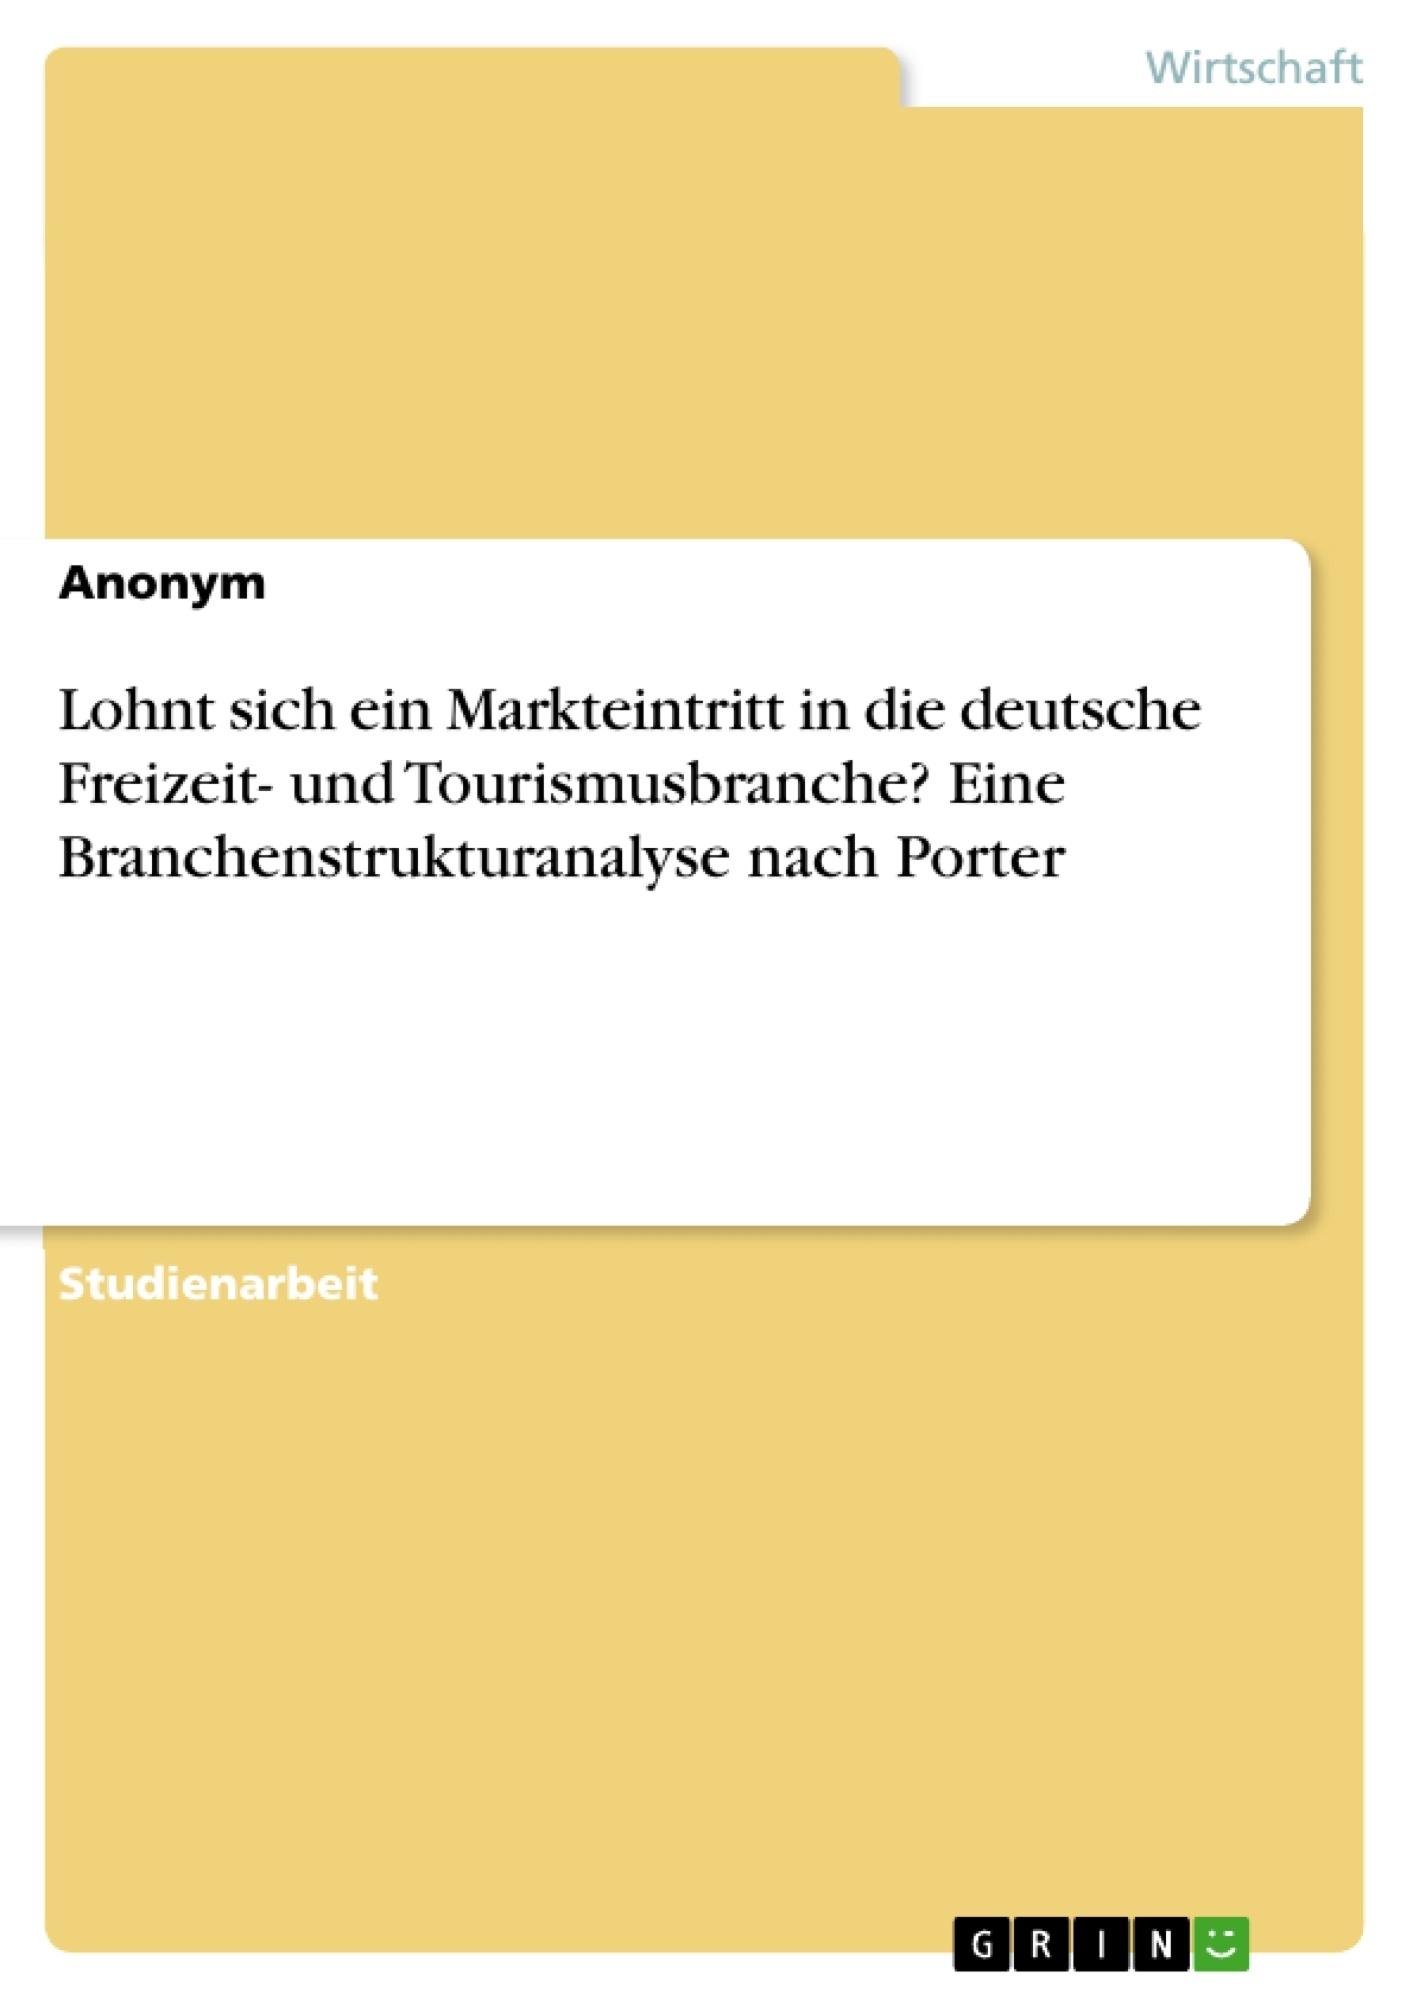 Titel: Lohnt sich ein Markteintritt in die deutsche Freizeit- und Tourismusbranche? Eine Branchenstrukturanalyse nach Porter